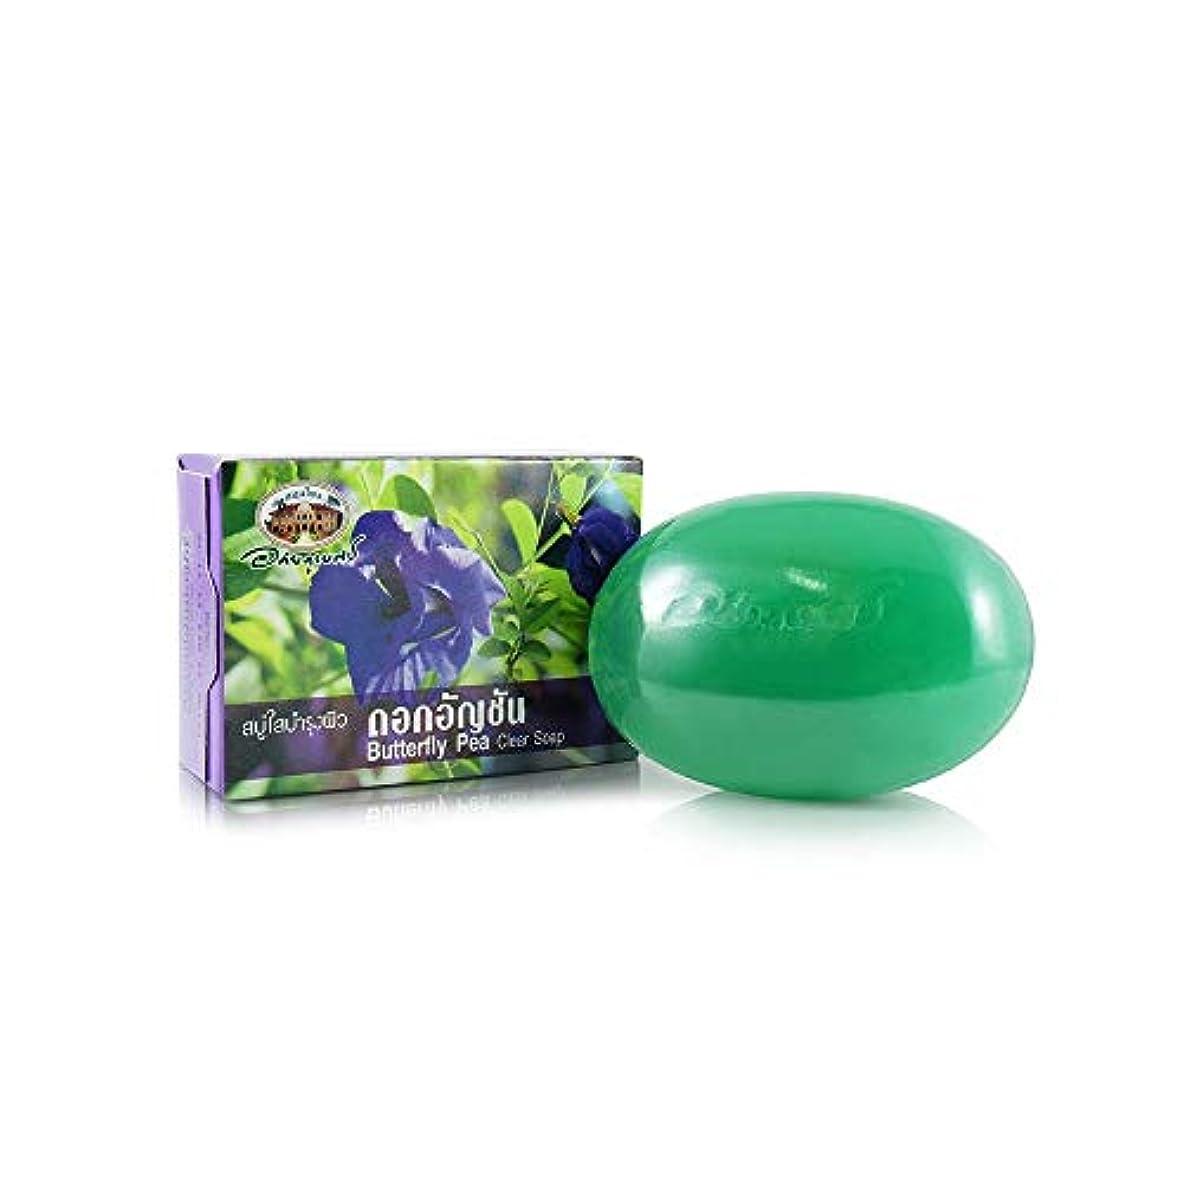 巨大な飽和する過剰Abhaibhubejhr Pea Flowers Vitamin E Herbal Body Cleaning Soap 100g. Abhaibhubejhrピー花ビタミンEハーブボディクリーニングソープ100グラム。